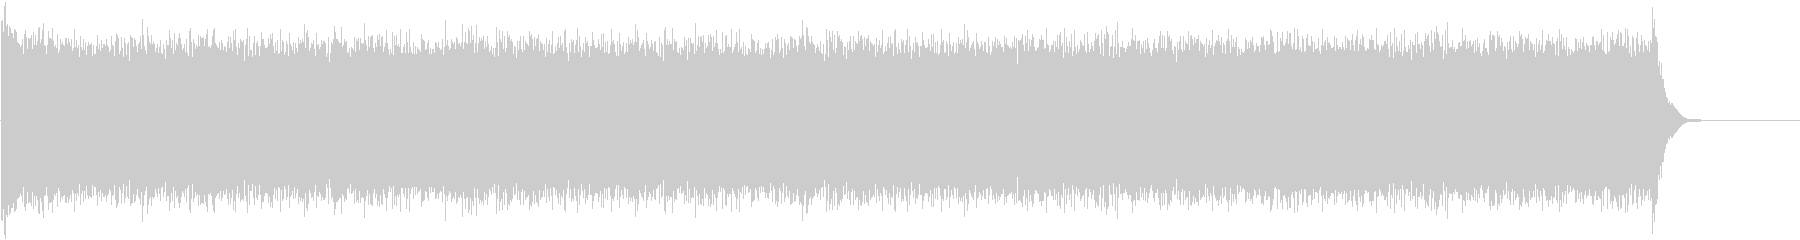 1分続くドラムロール スネアとティンパニの未再生の波形